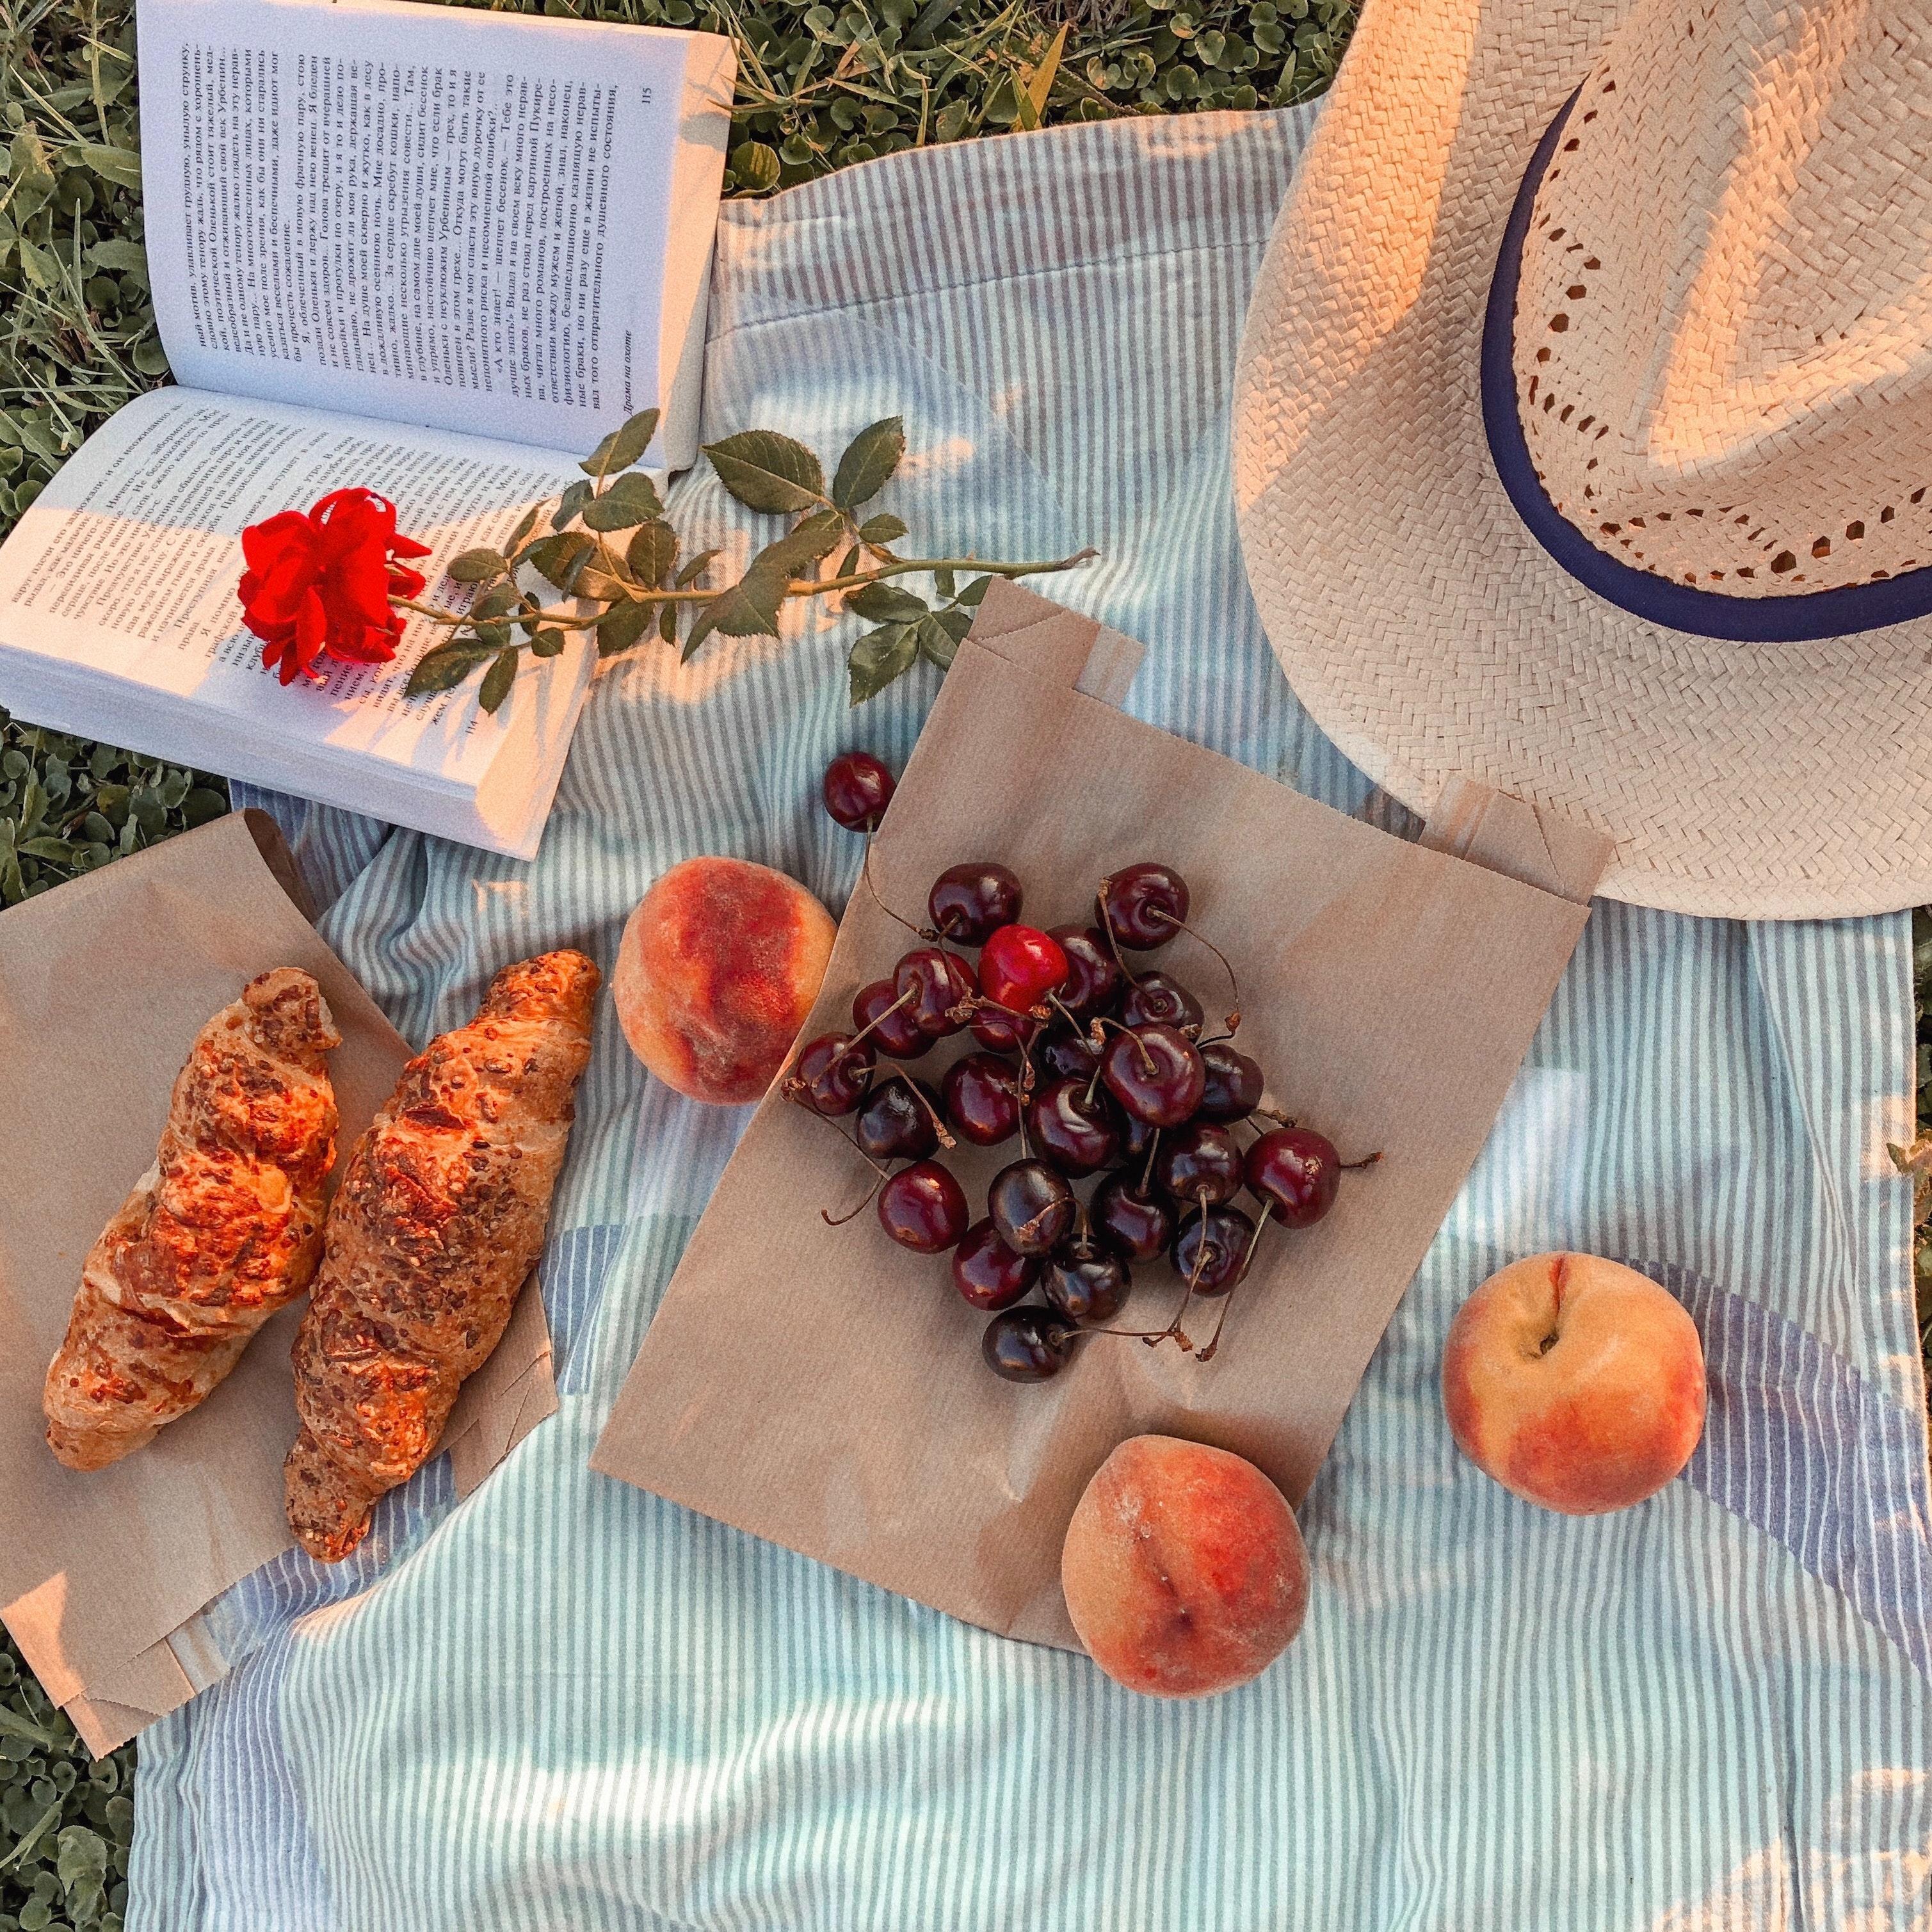 book-cherries-food-2852438